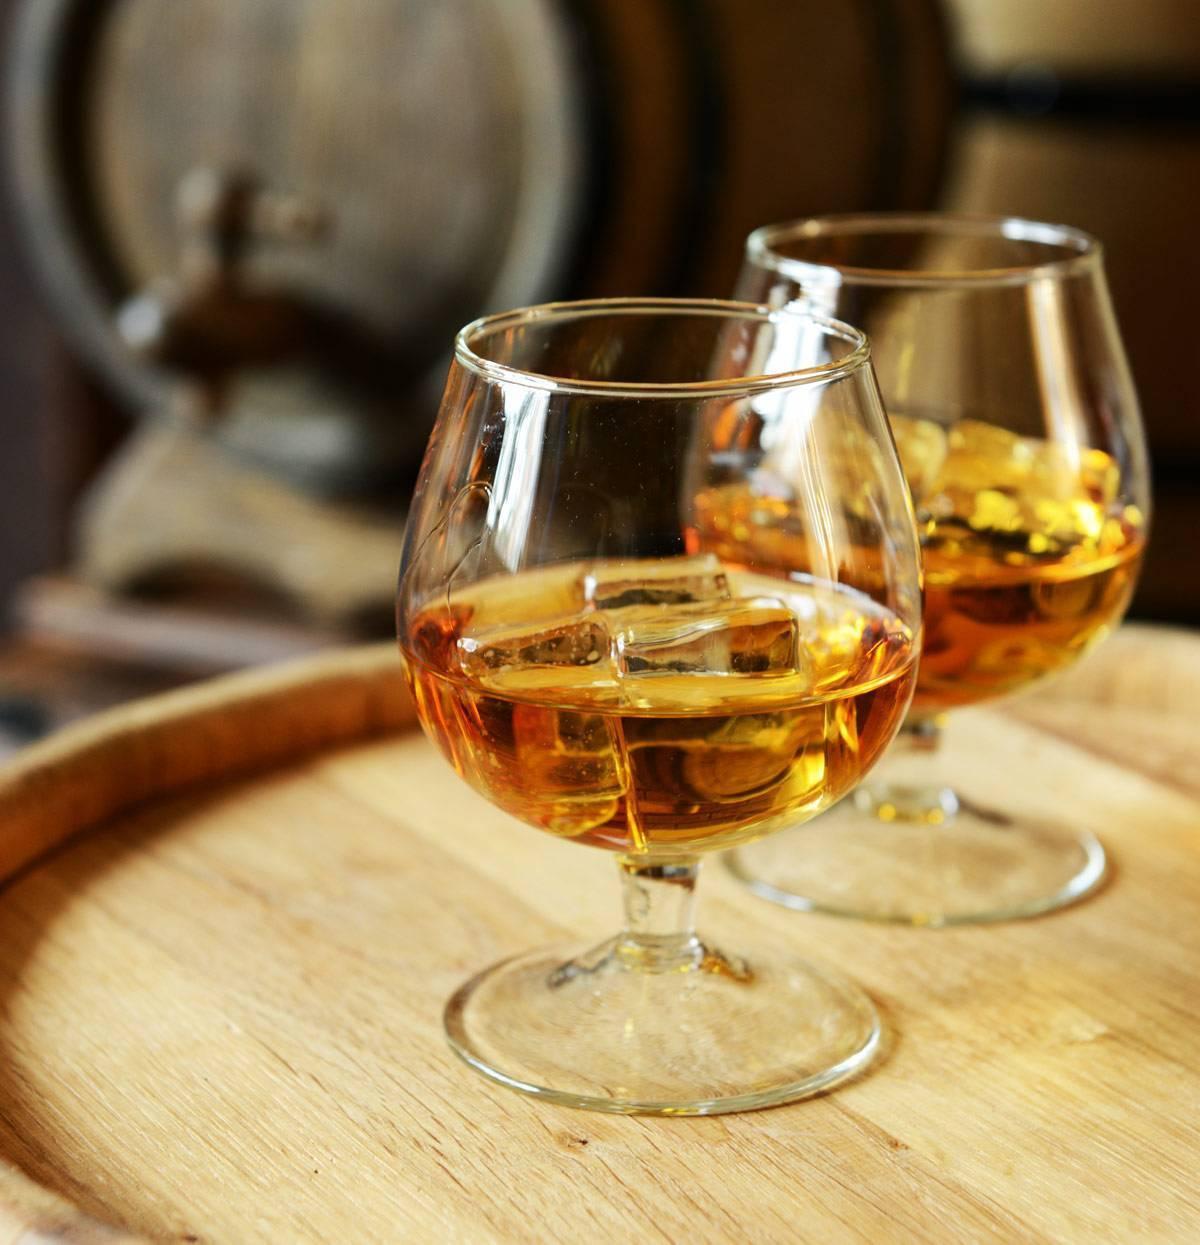 Водка или вино: что лучше пить и что вреднее?